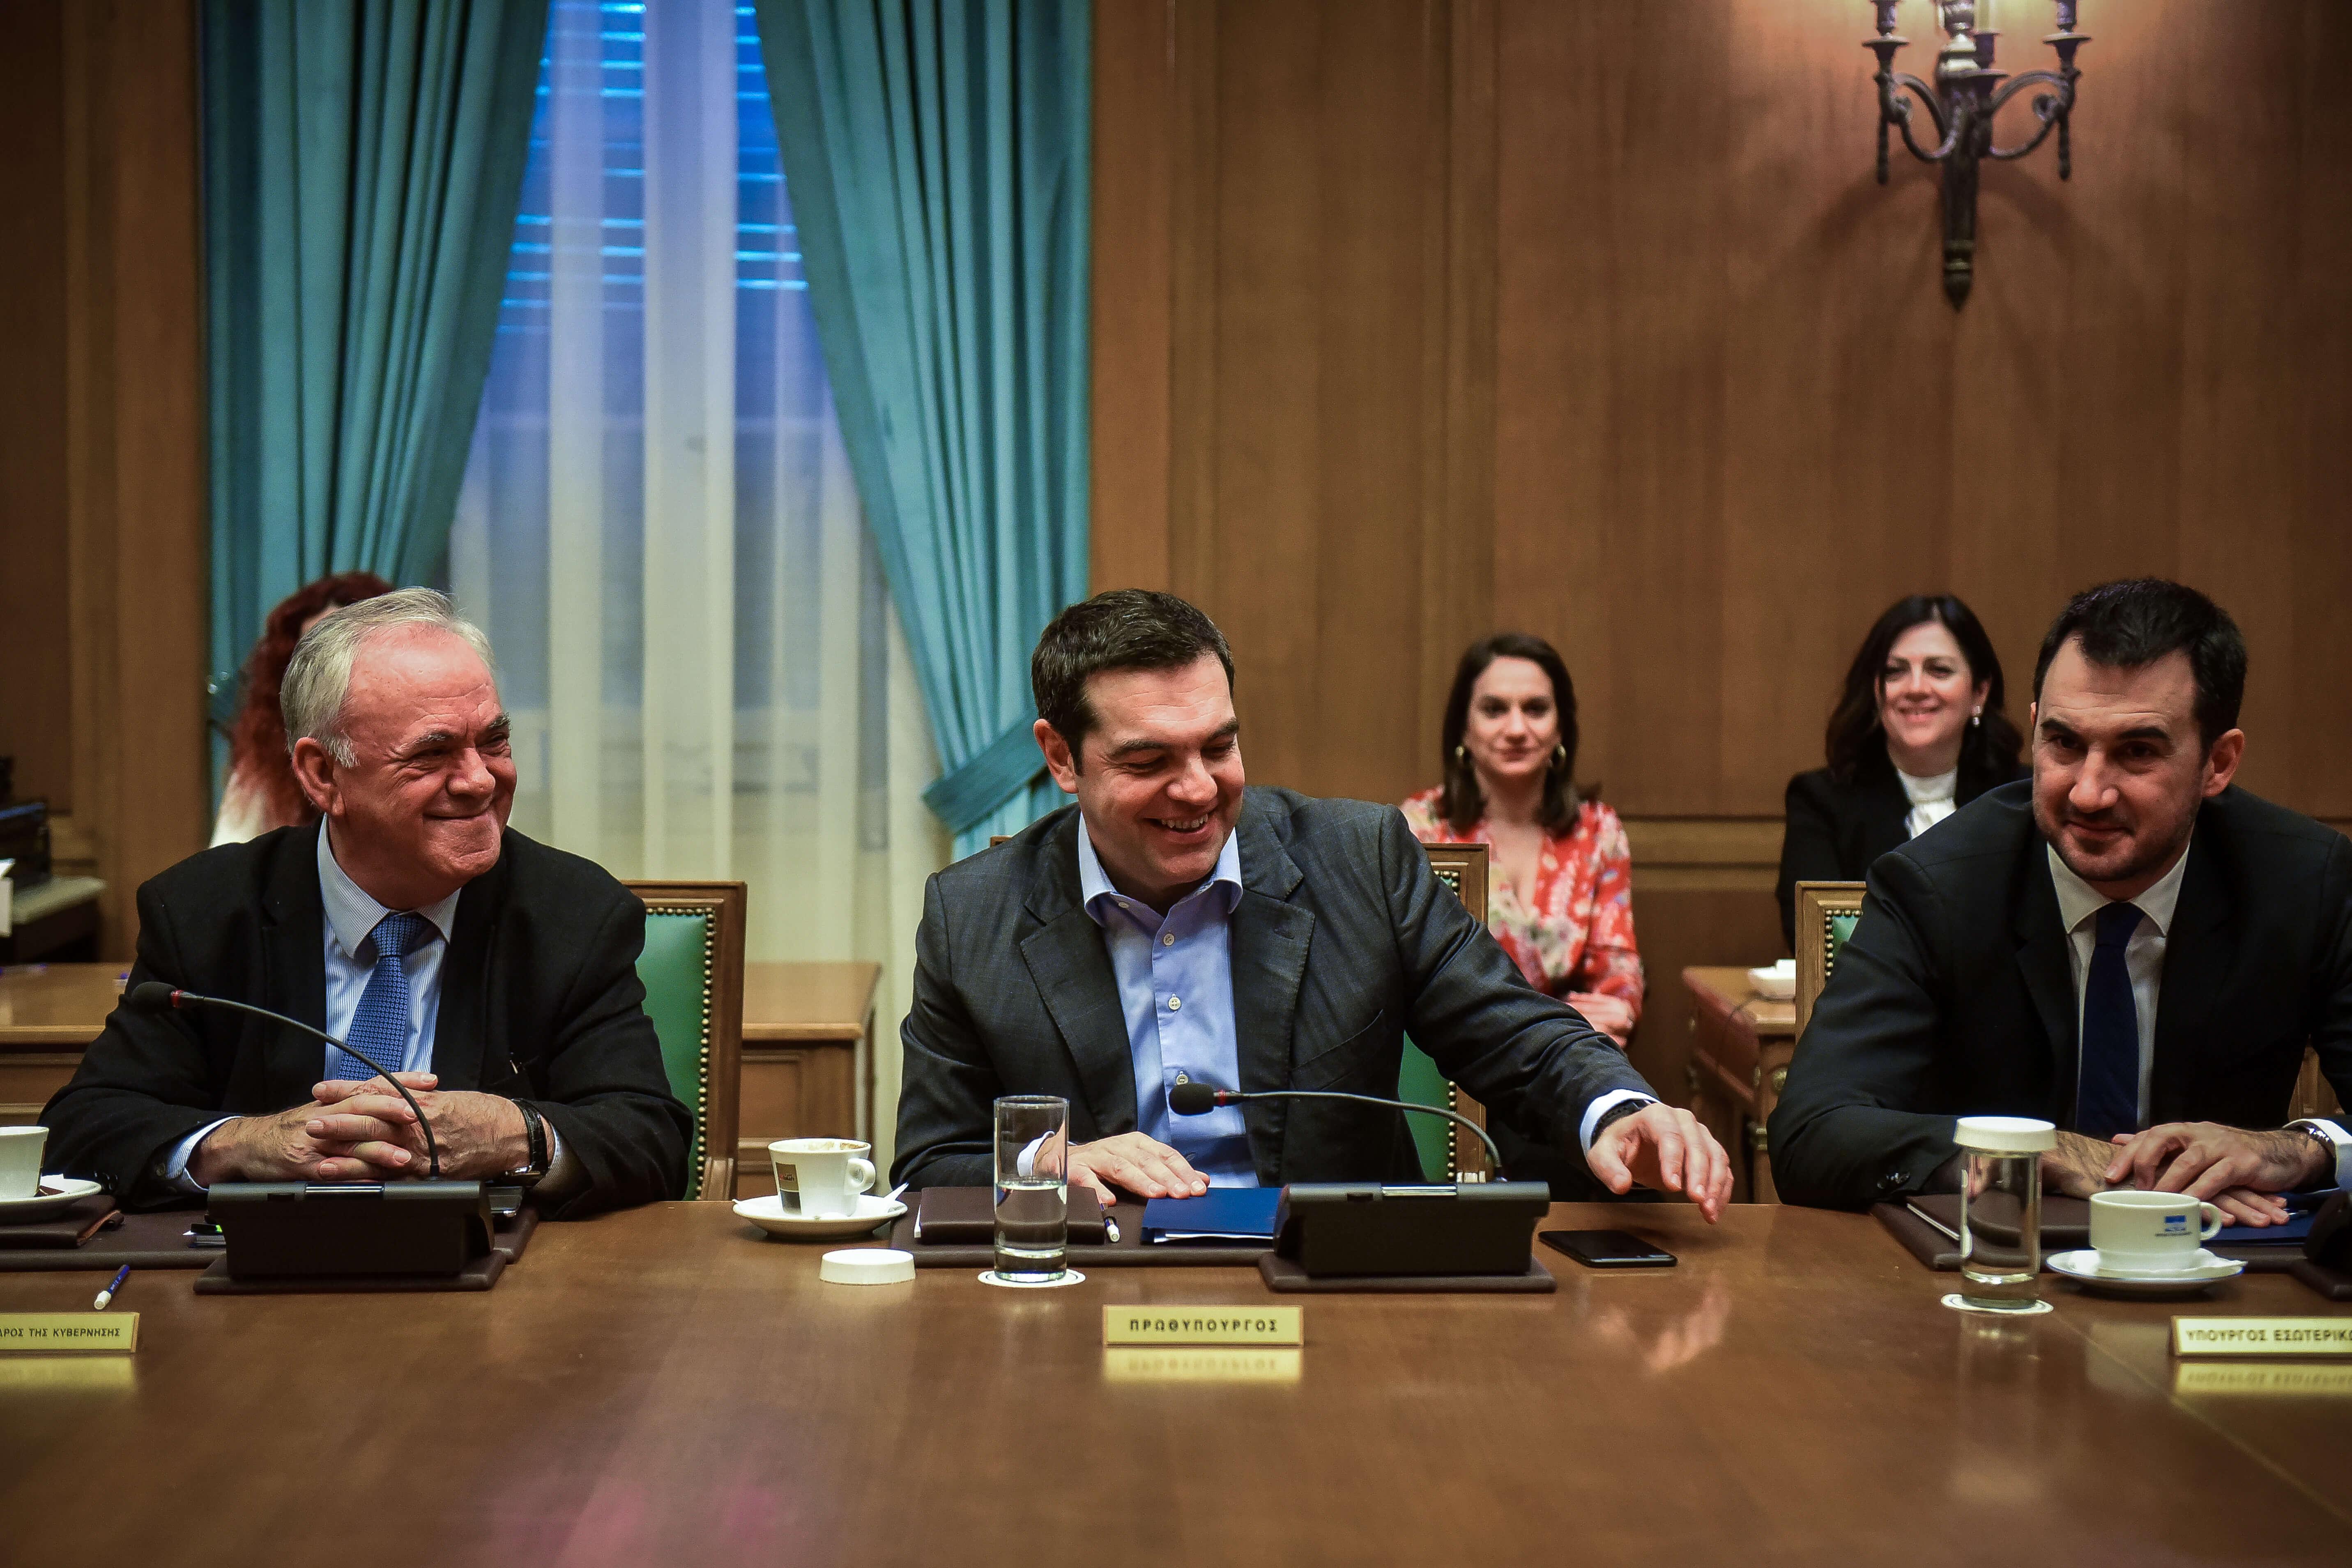 Τσίπρας στο υπουργικό συμβούλιο: «Αυξάνεται κατά 11% ο κατώτατος μισθός – Πάει στα 650 ευρώ!»